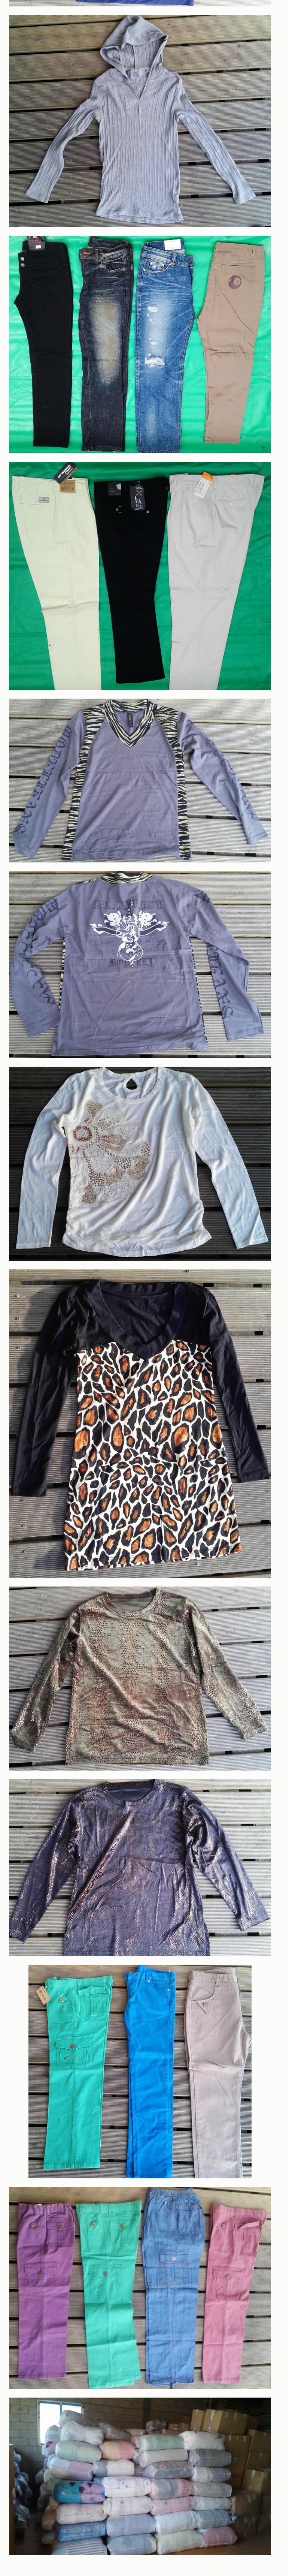 tshirts_20150429_02.jpg